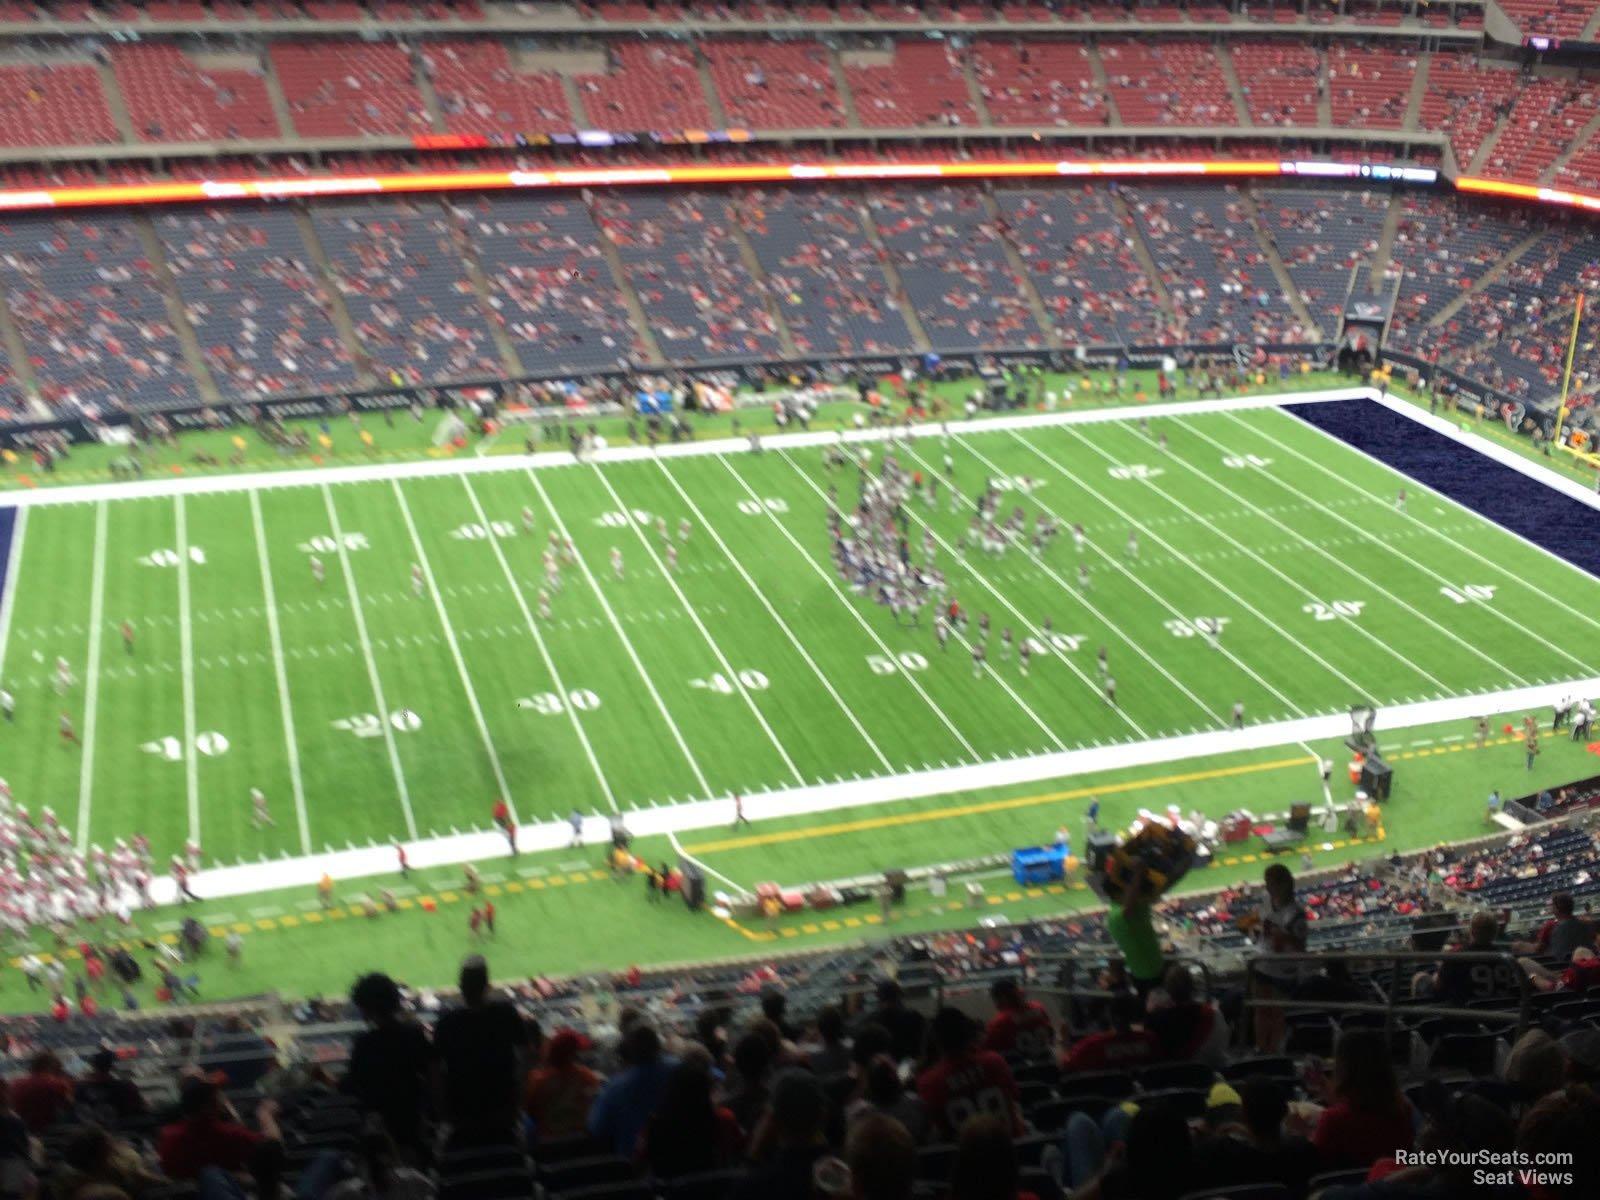 Seta az urallomason 636 - Houston Texans Seat View For Nrg Stadium Section 636